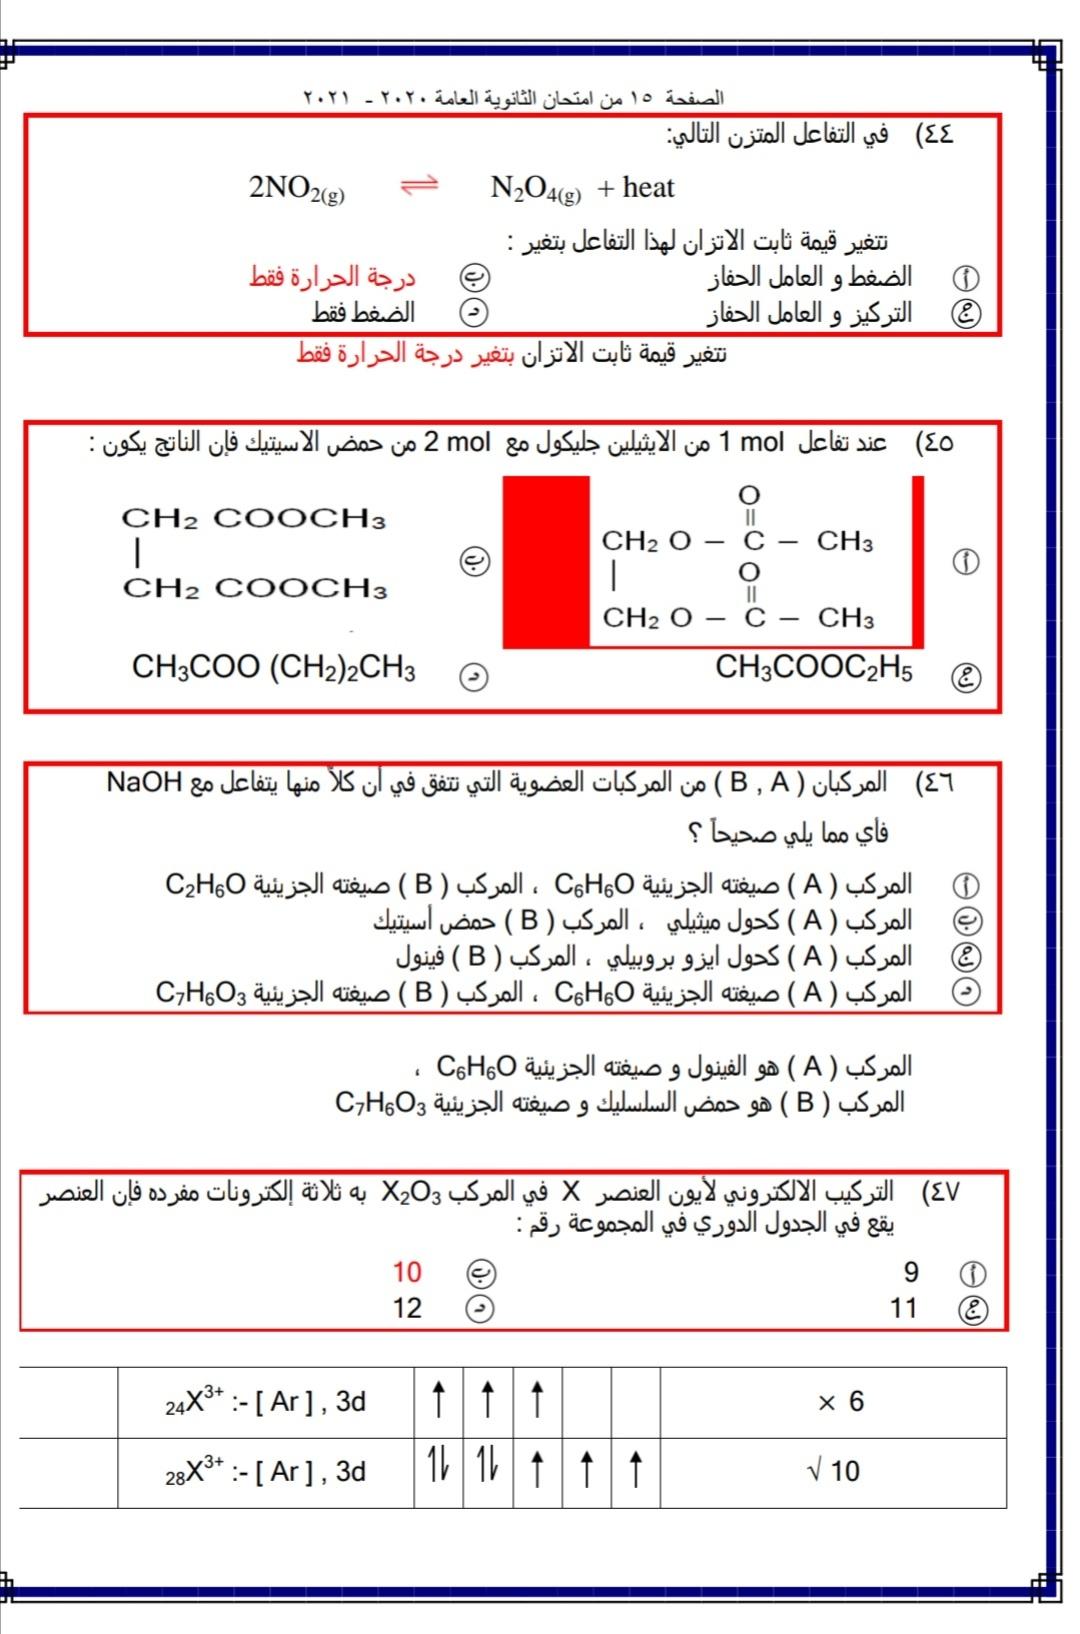 نموذج اجابة امتحان الكيمياء للثانوية العامة 2021 15